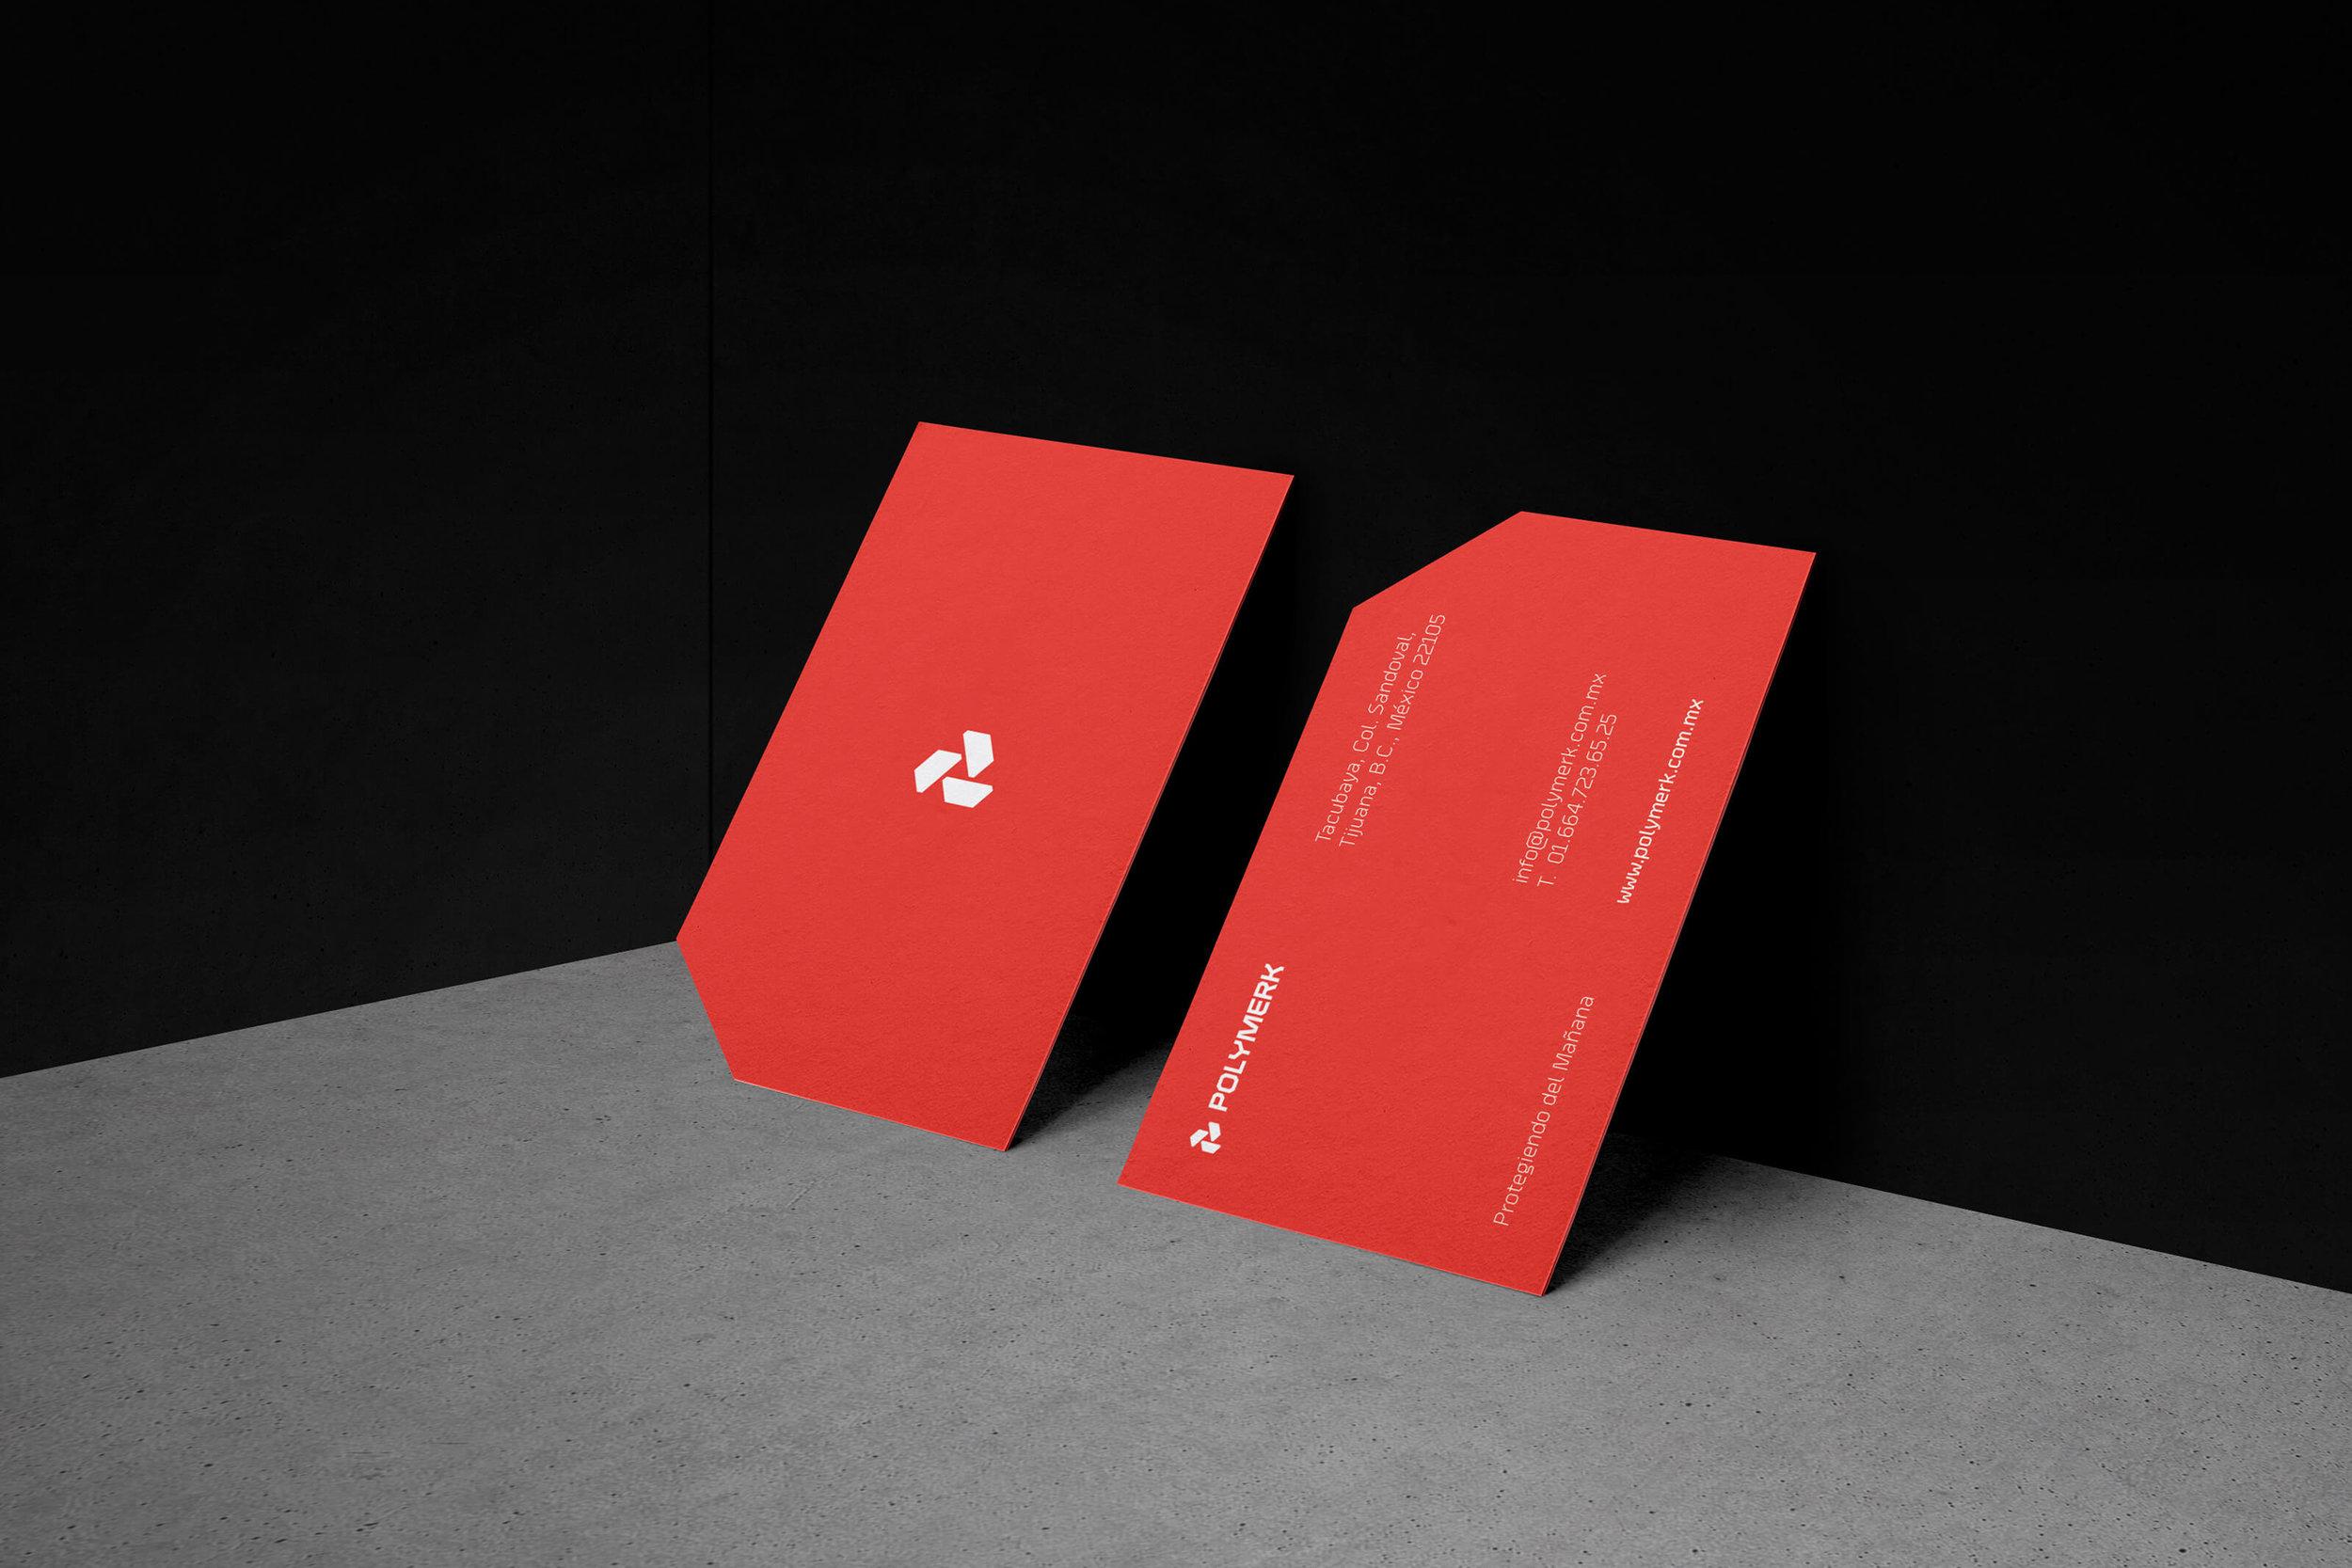 logo-design-branding-san-diego-vortic-polymerk-02